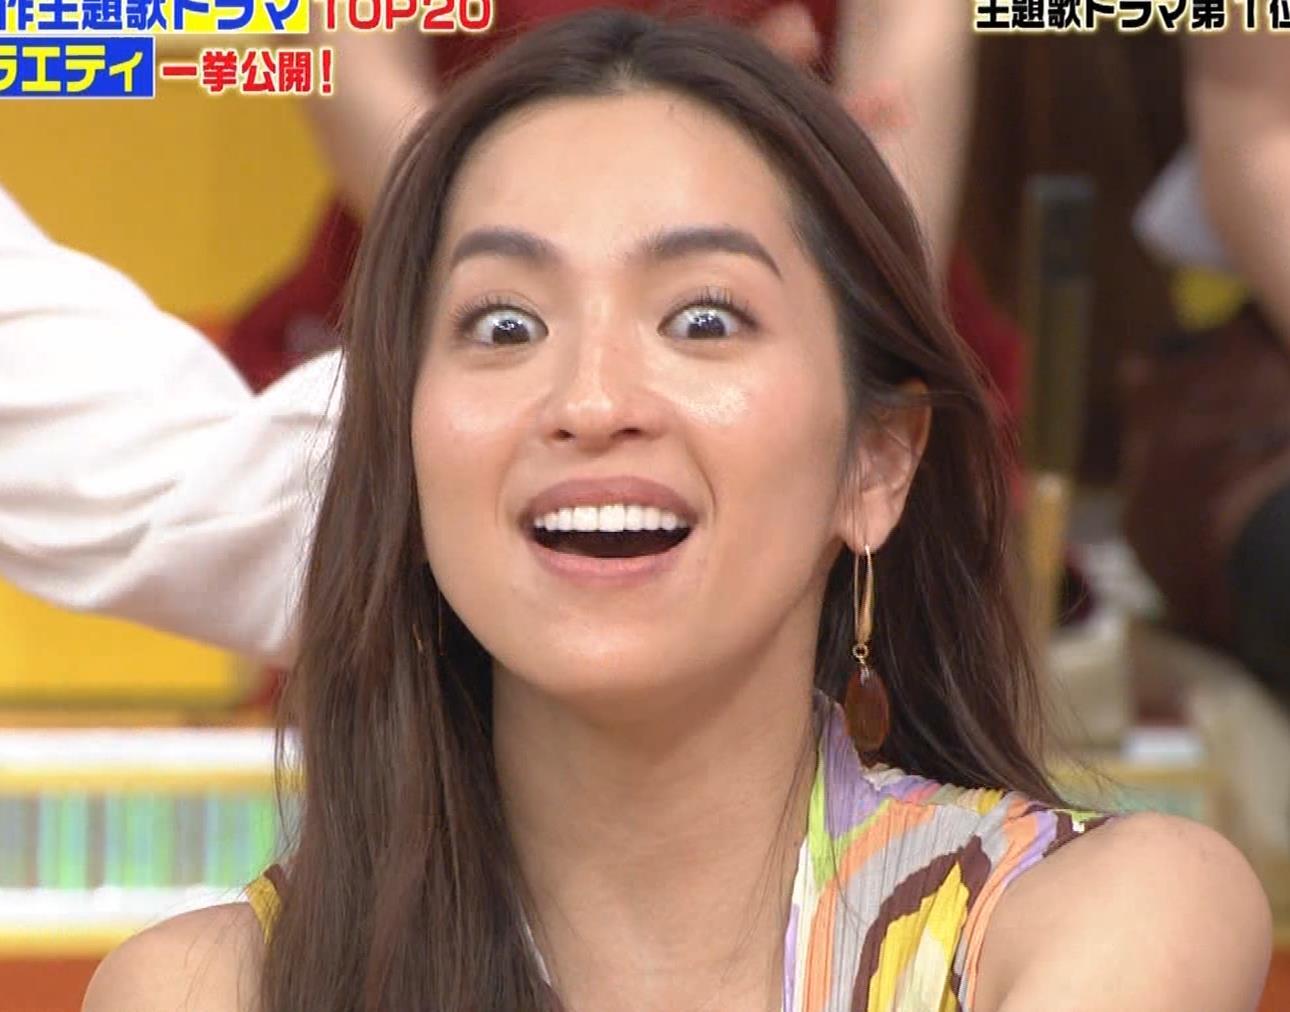 中村アン 前かがみ胸元チラキャプ・エロ画像5